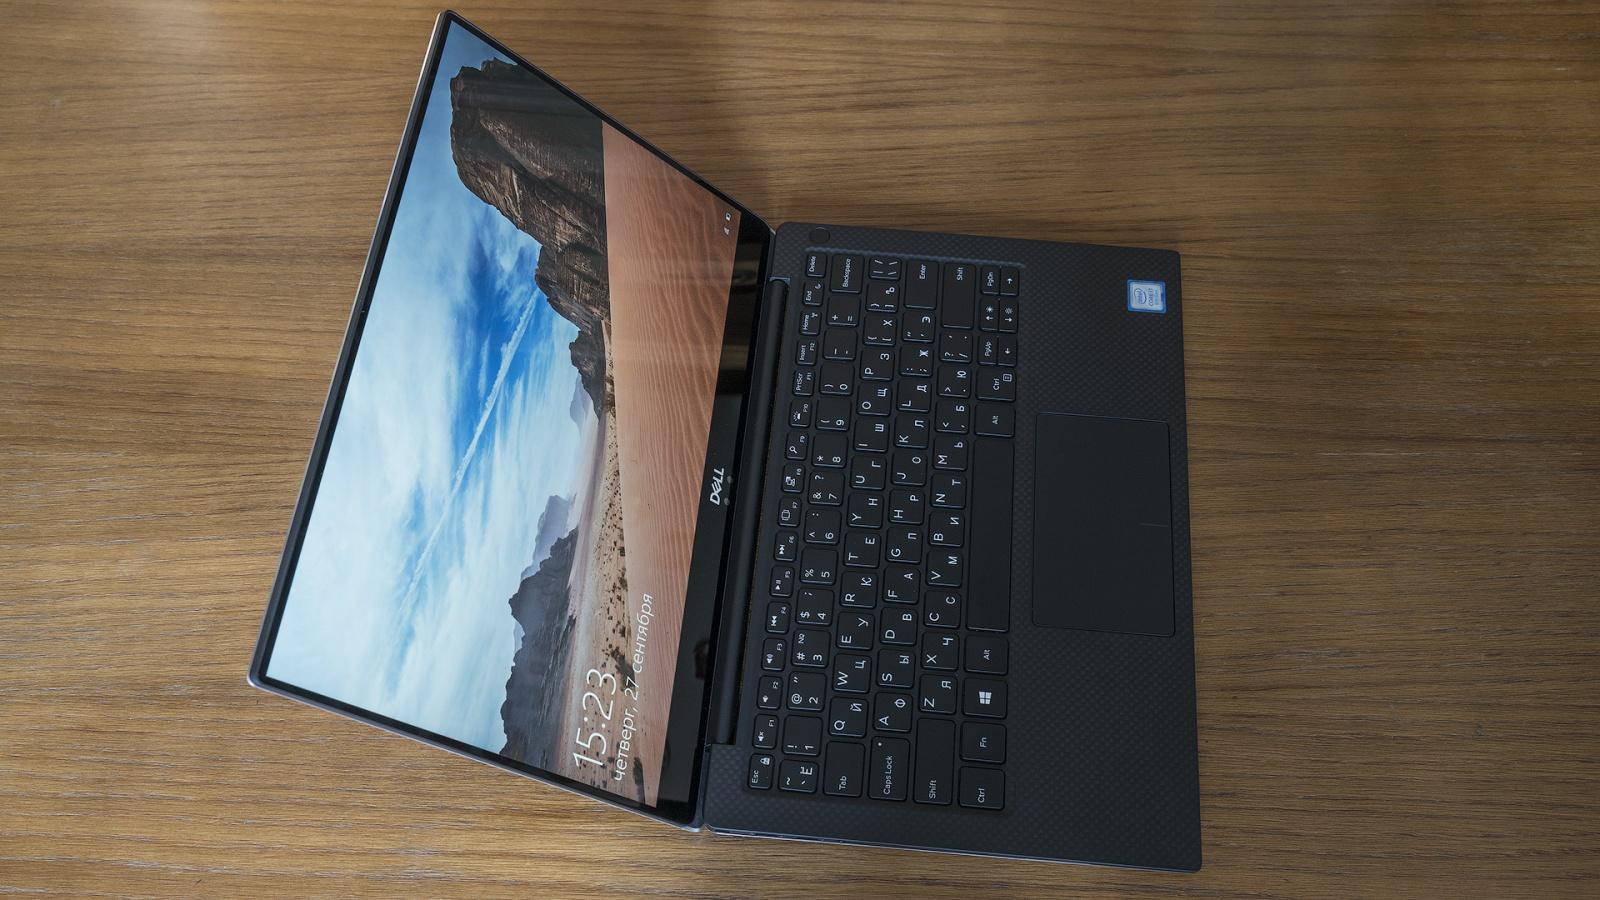 Обзор ноутбука Dell XPS 13 9370: лёгкий, красивый, быстрый - 1